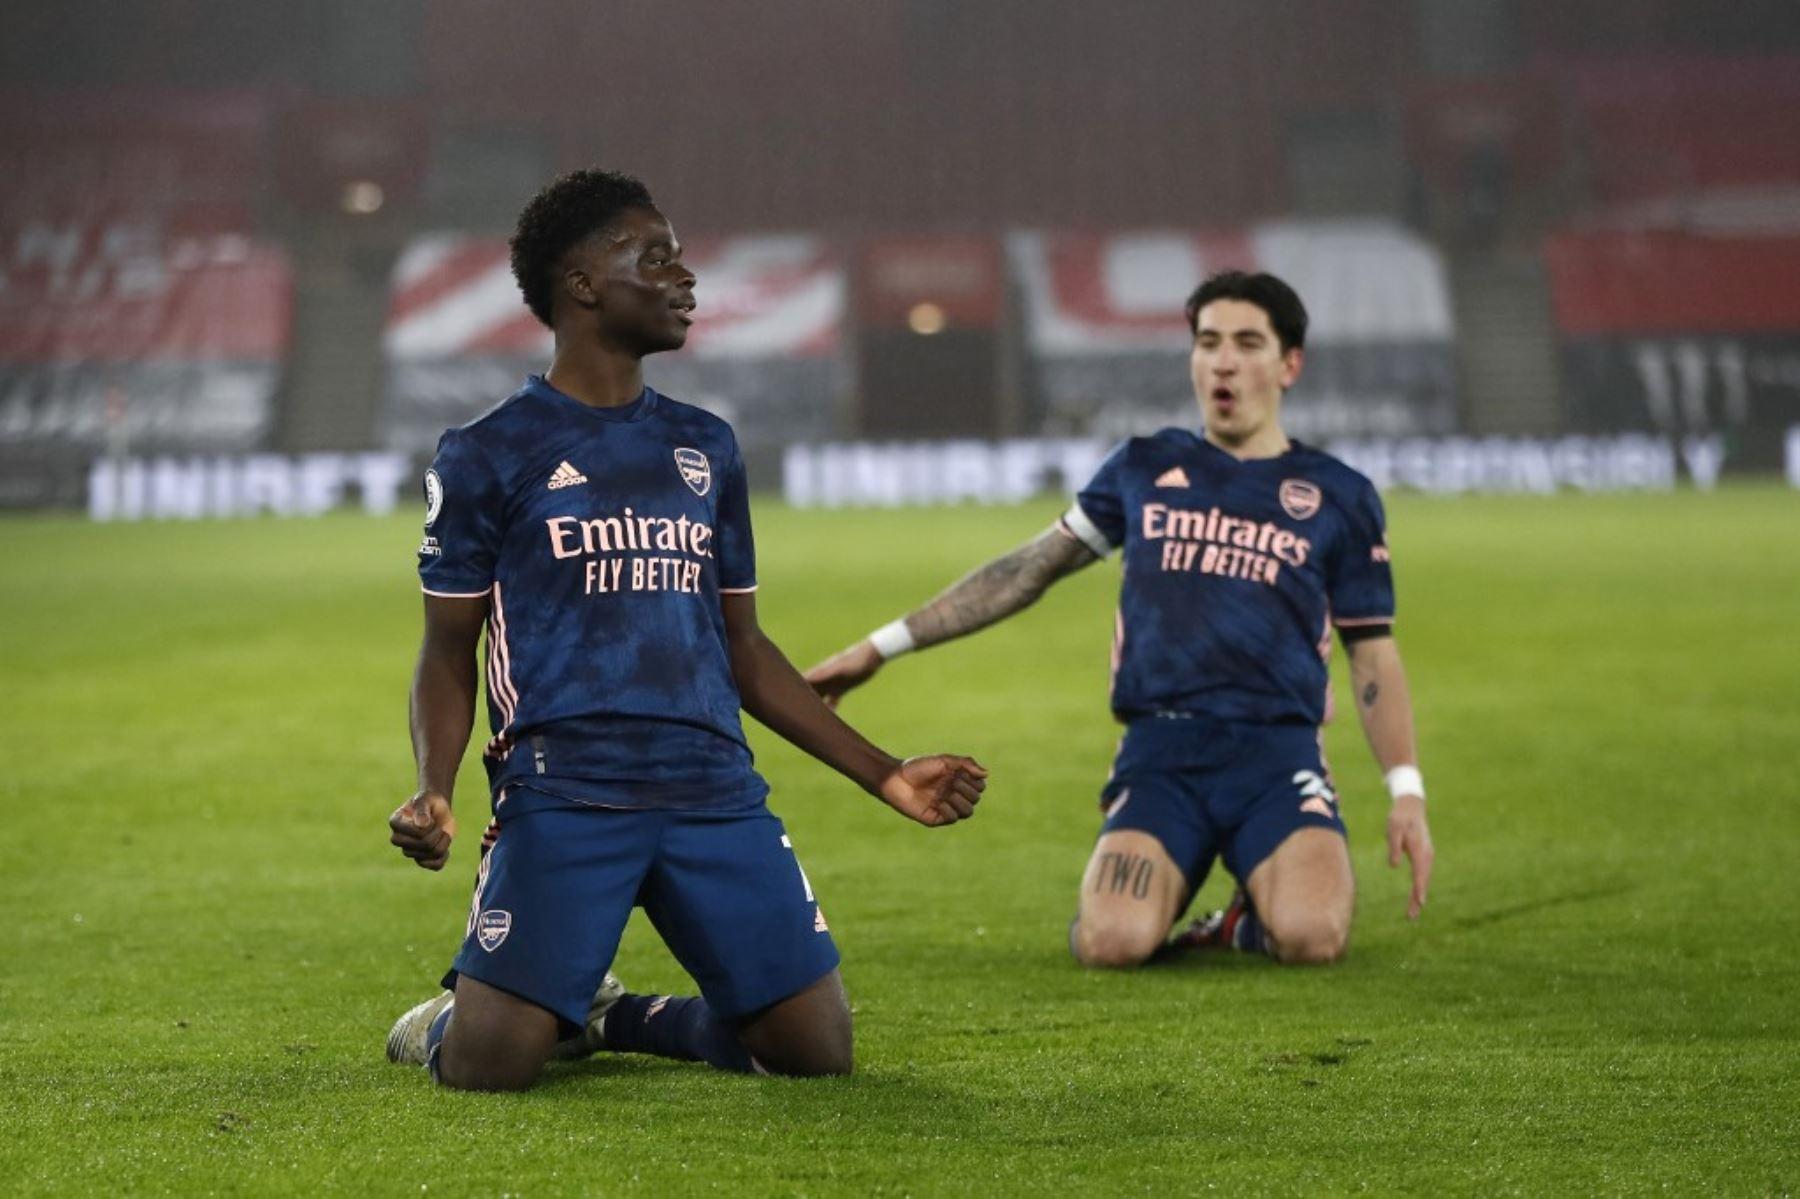 El delantero del Arsenal celebra tras anotar un gol ante el Southampton por la Premier League. Foto: AFP